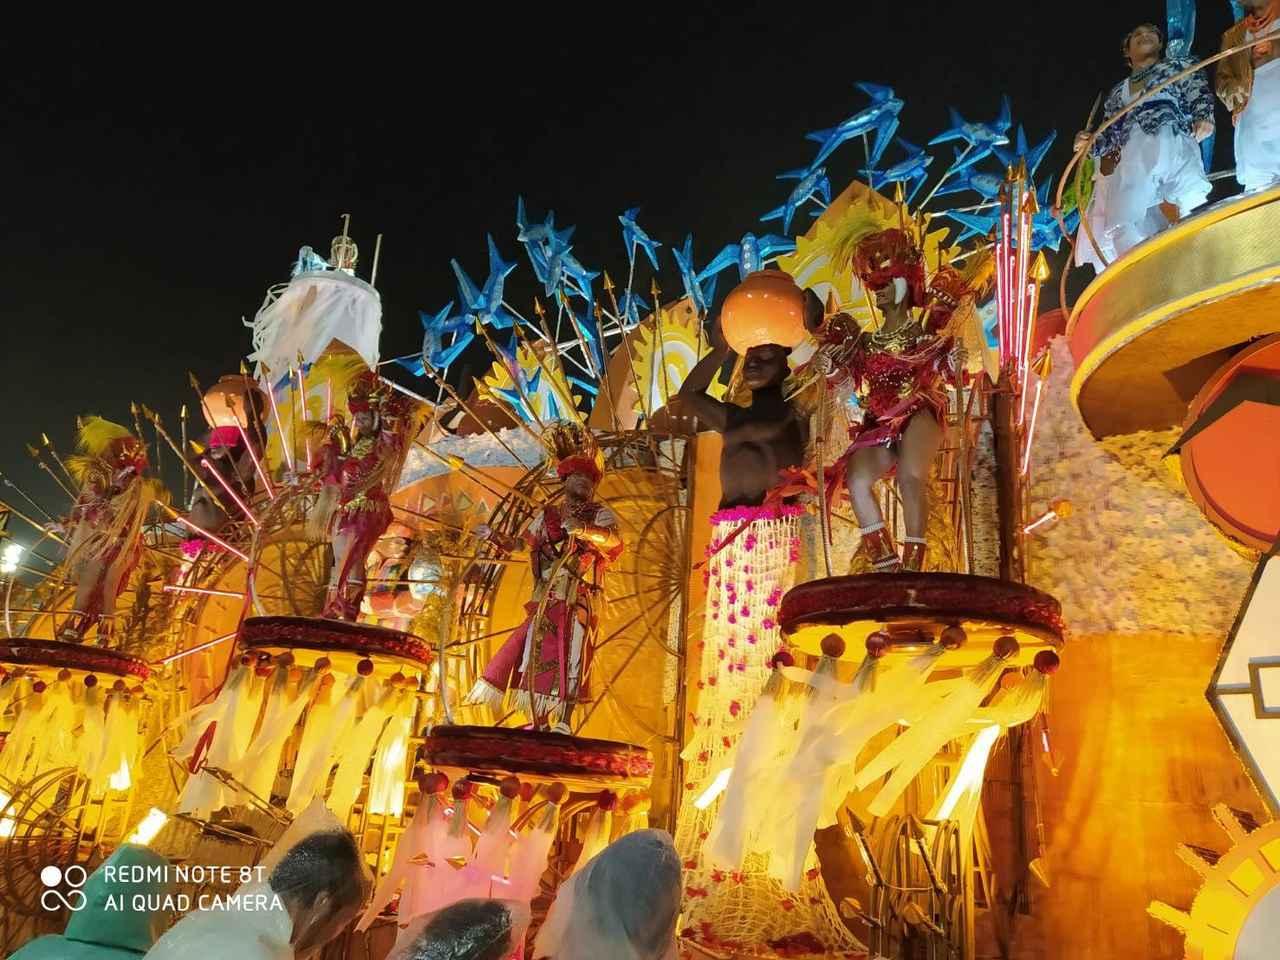 画像1: リオのカーニバル/弊社スタッフ撮影